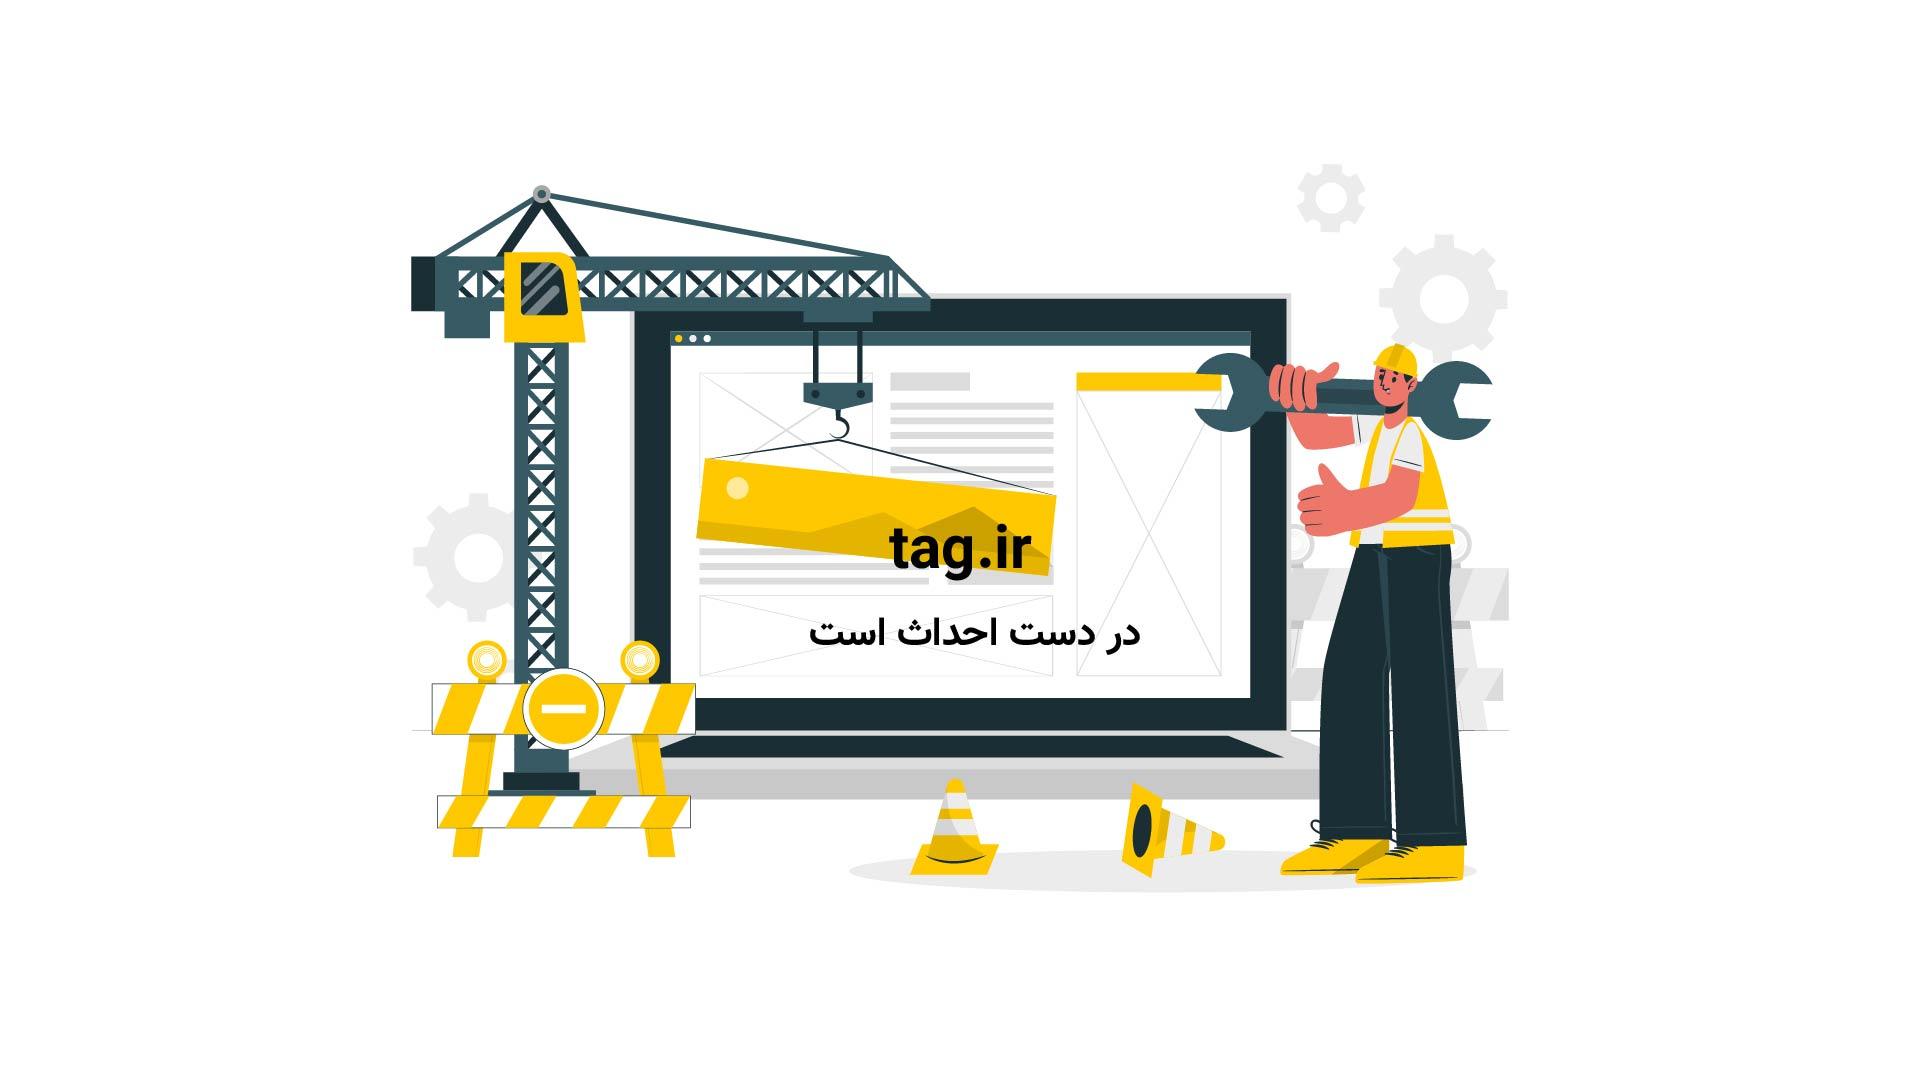 فناوری نوین تلویزیون های هوشمند ال جی در سال 2017 | فیلم